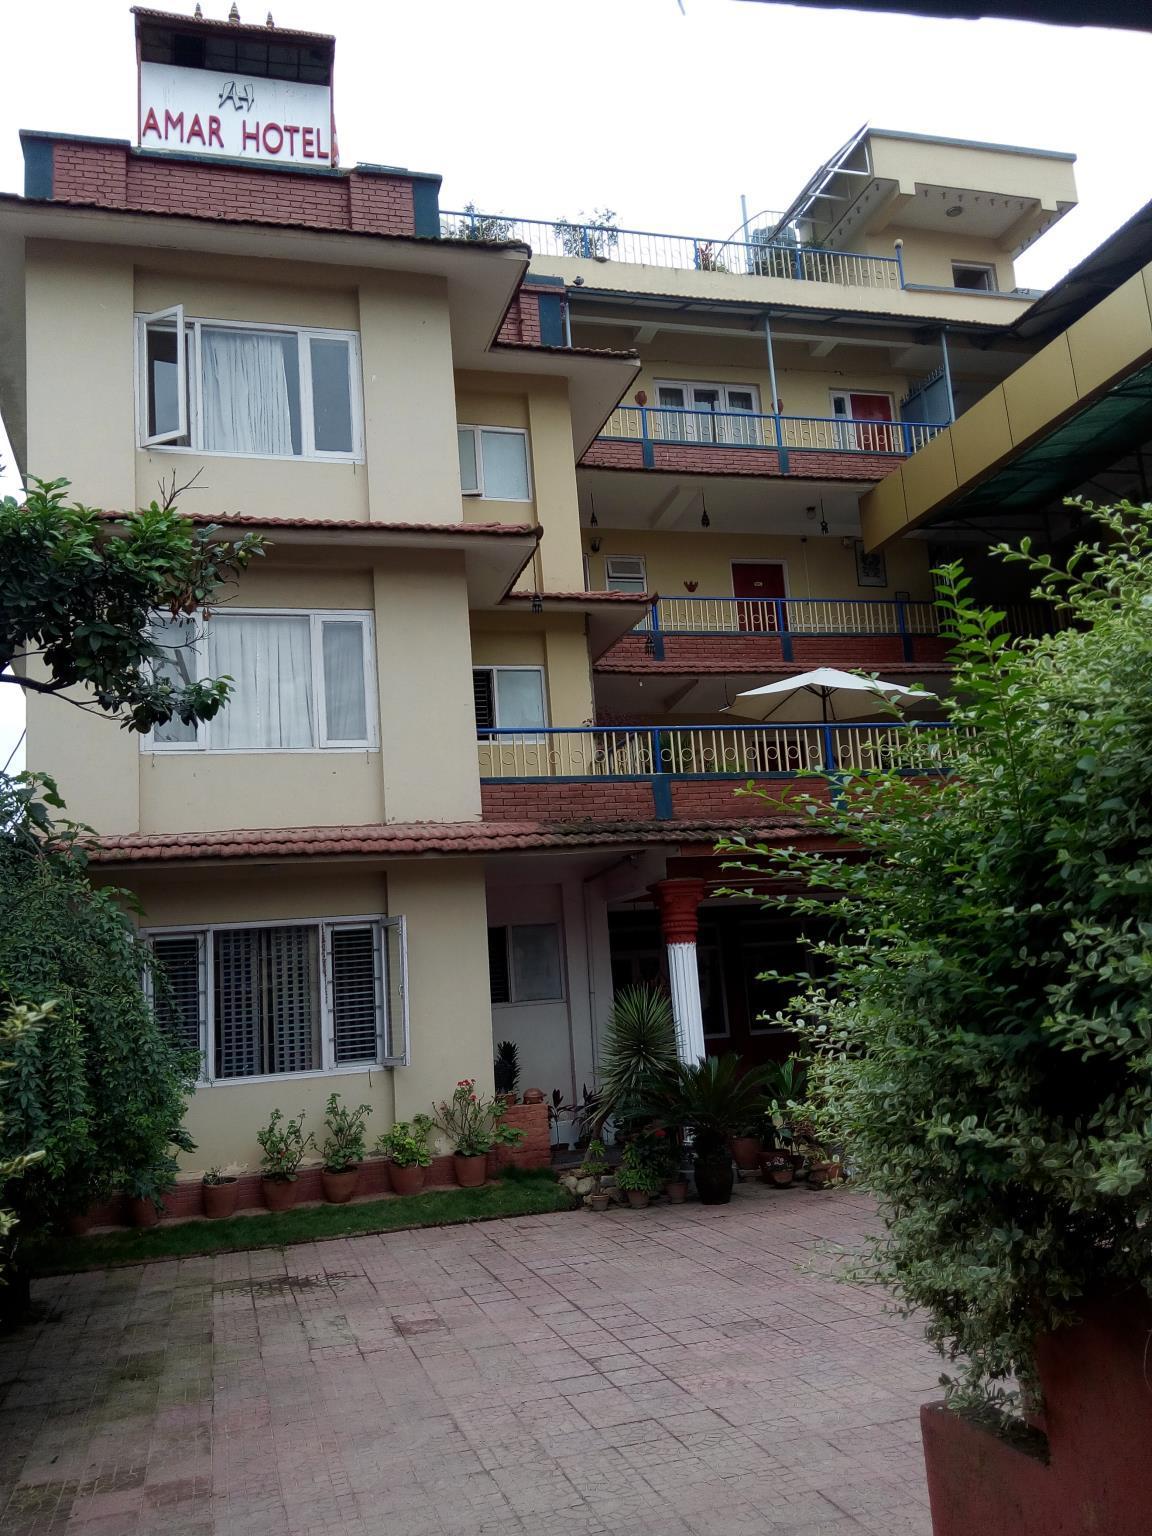 Amar Hotel